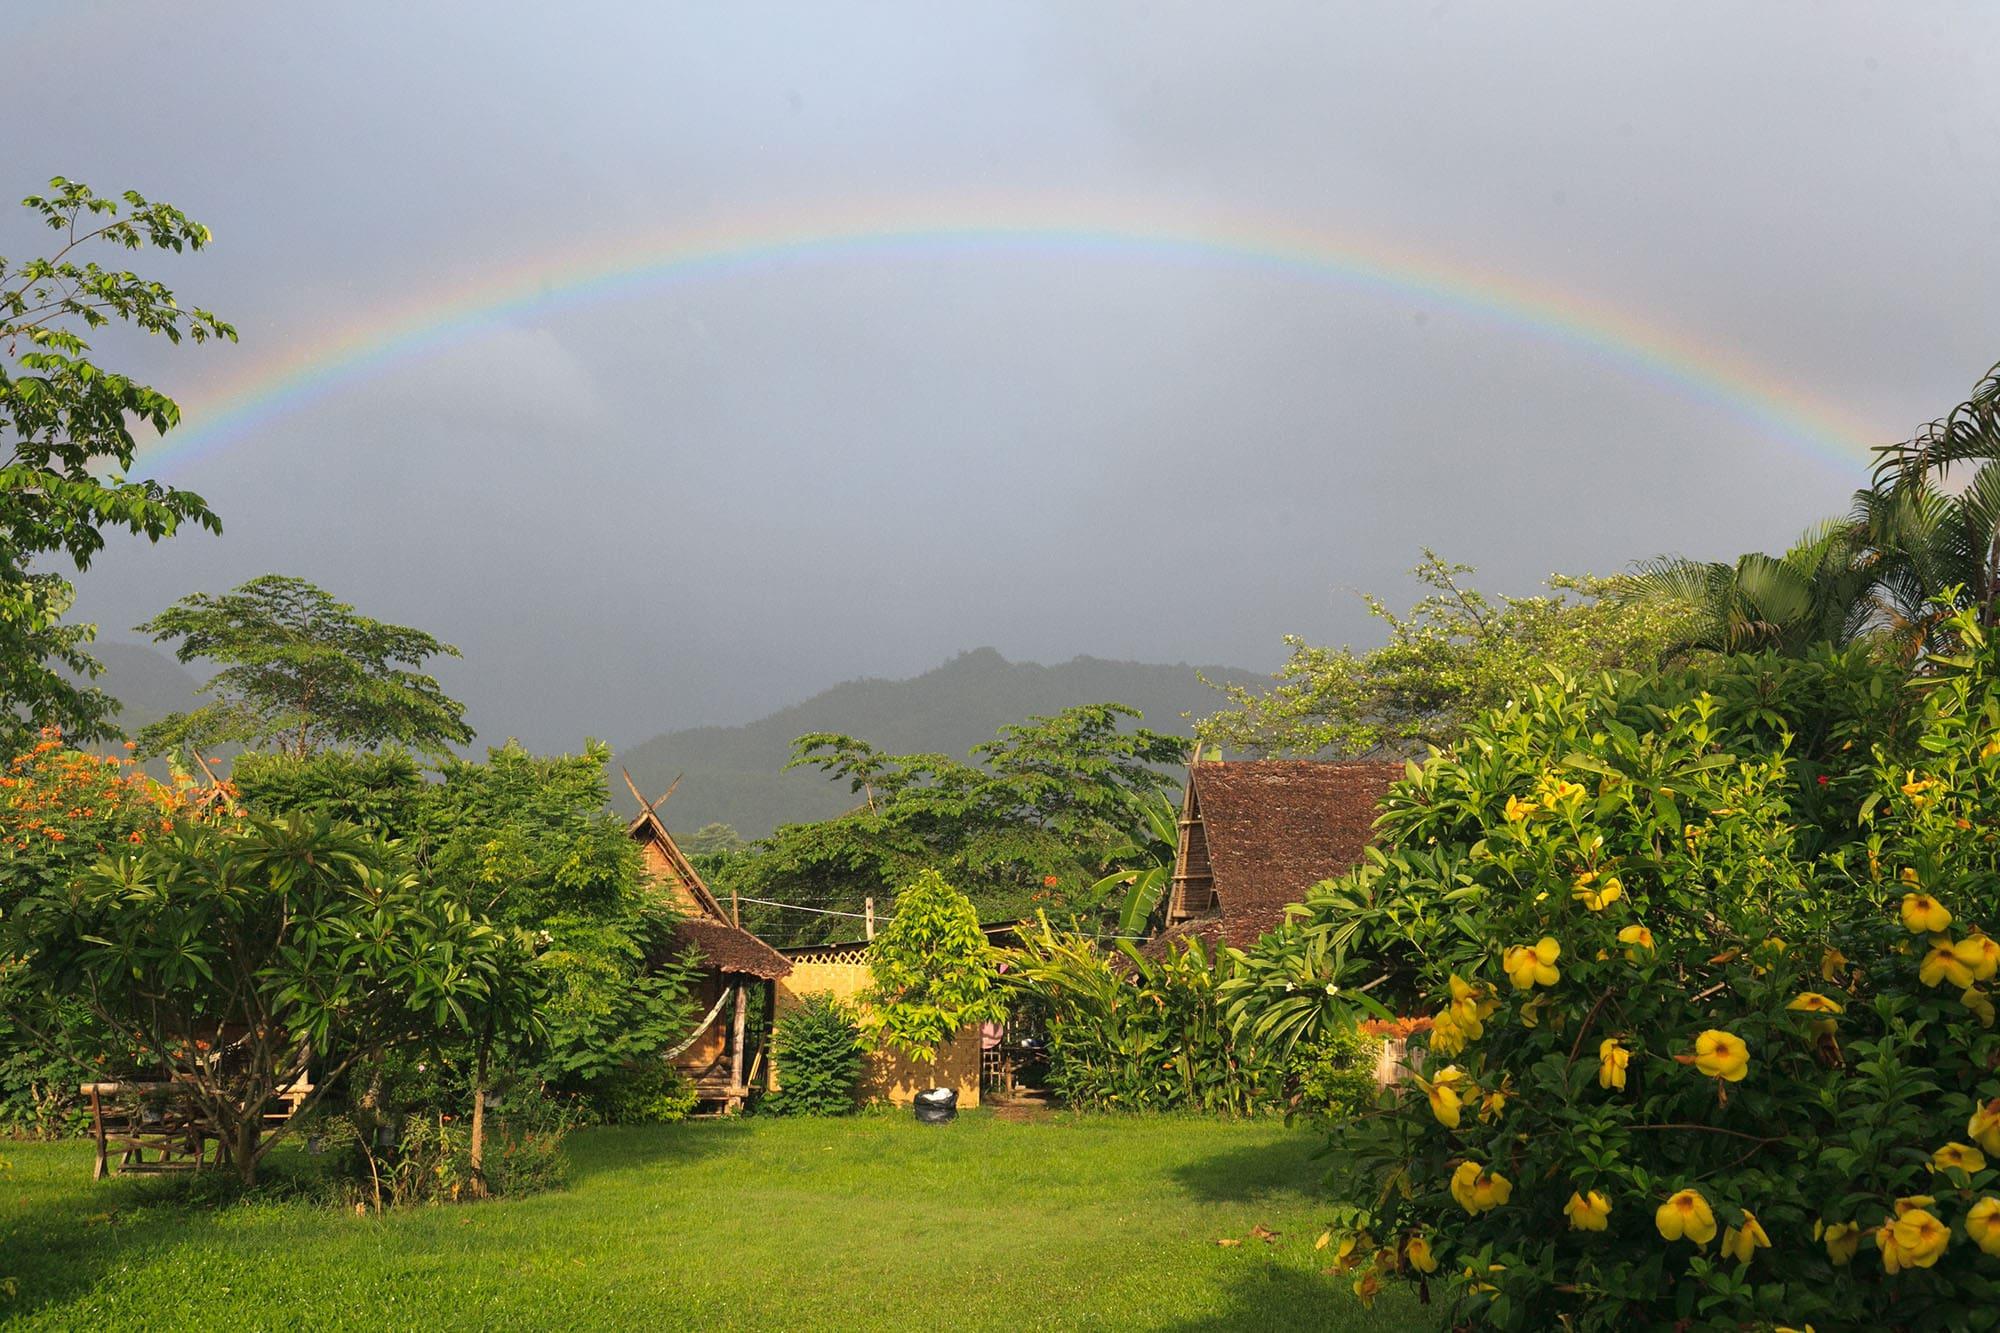 rainbow in Pai, Thailand.